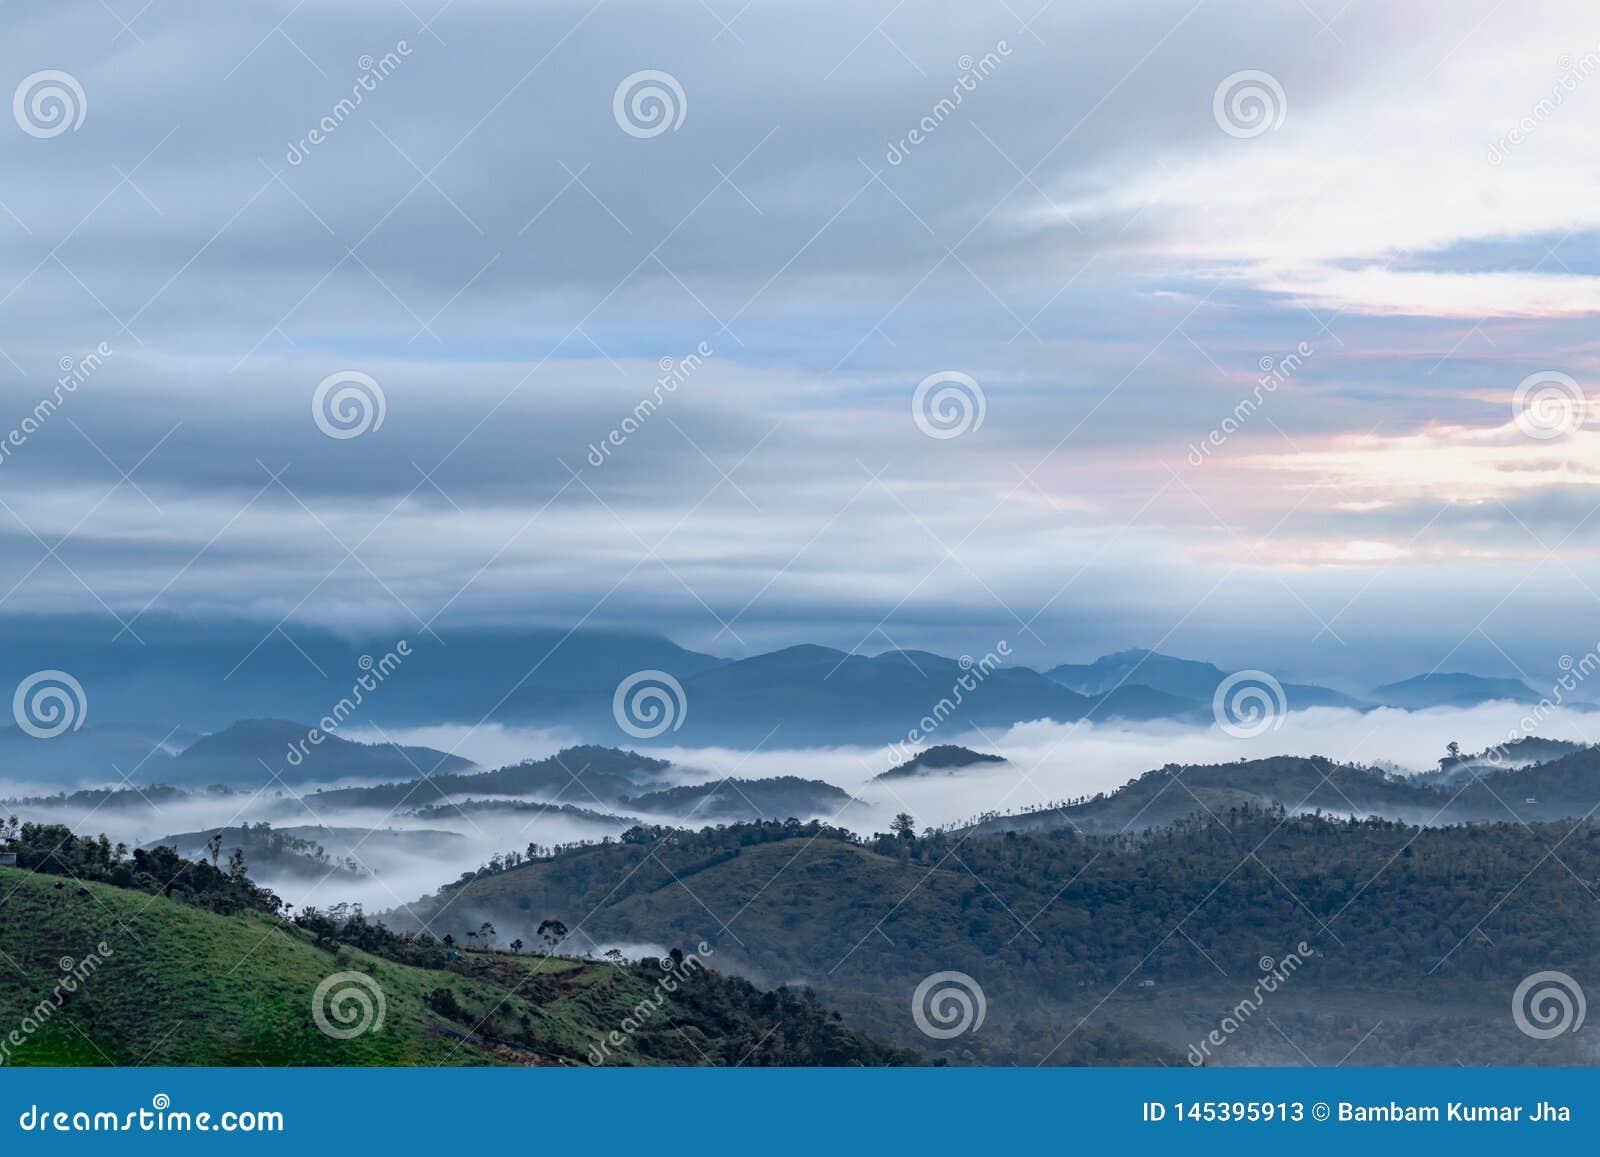 Nube mágica que besa el top de la colina